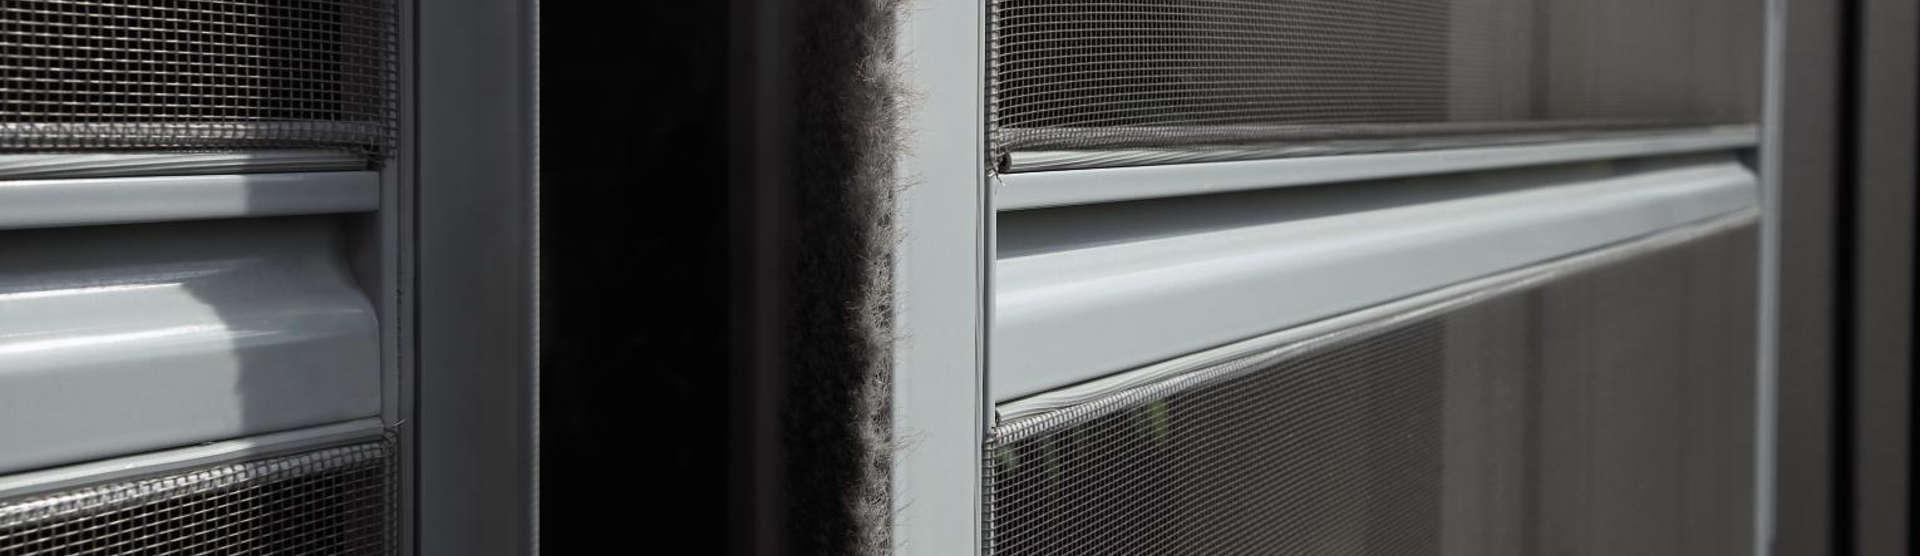 Insektenschutz für Türen_1